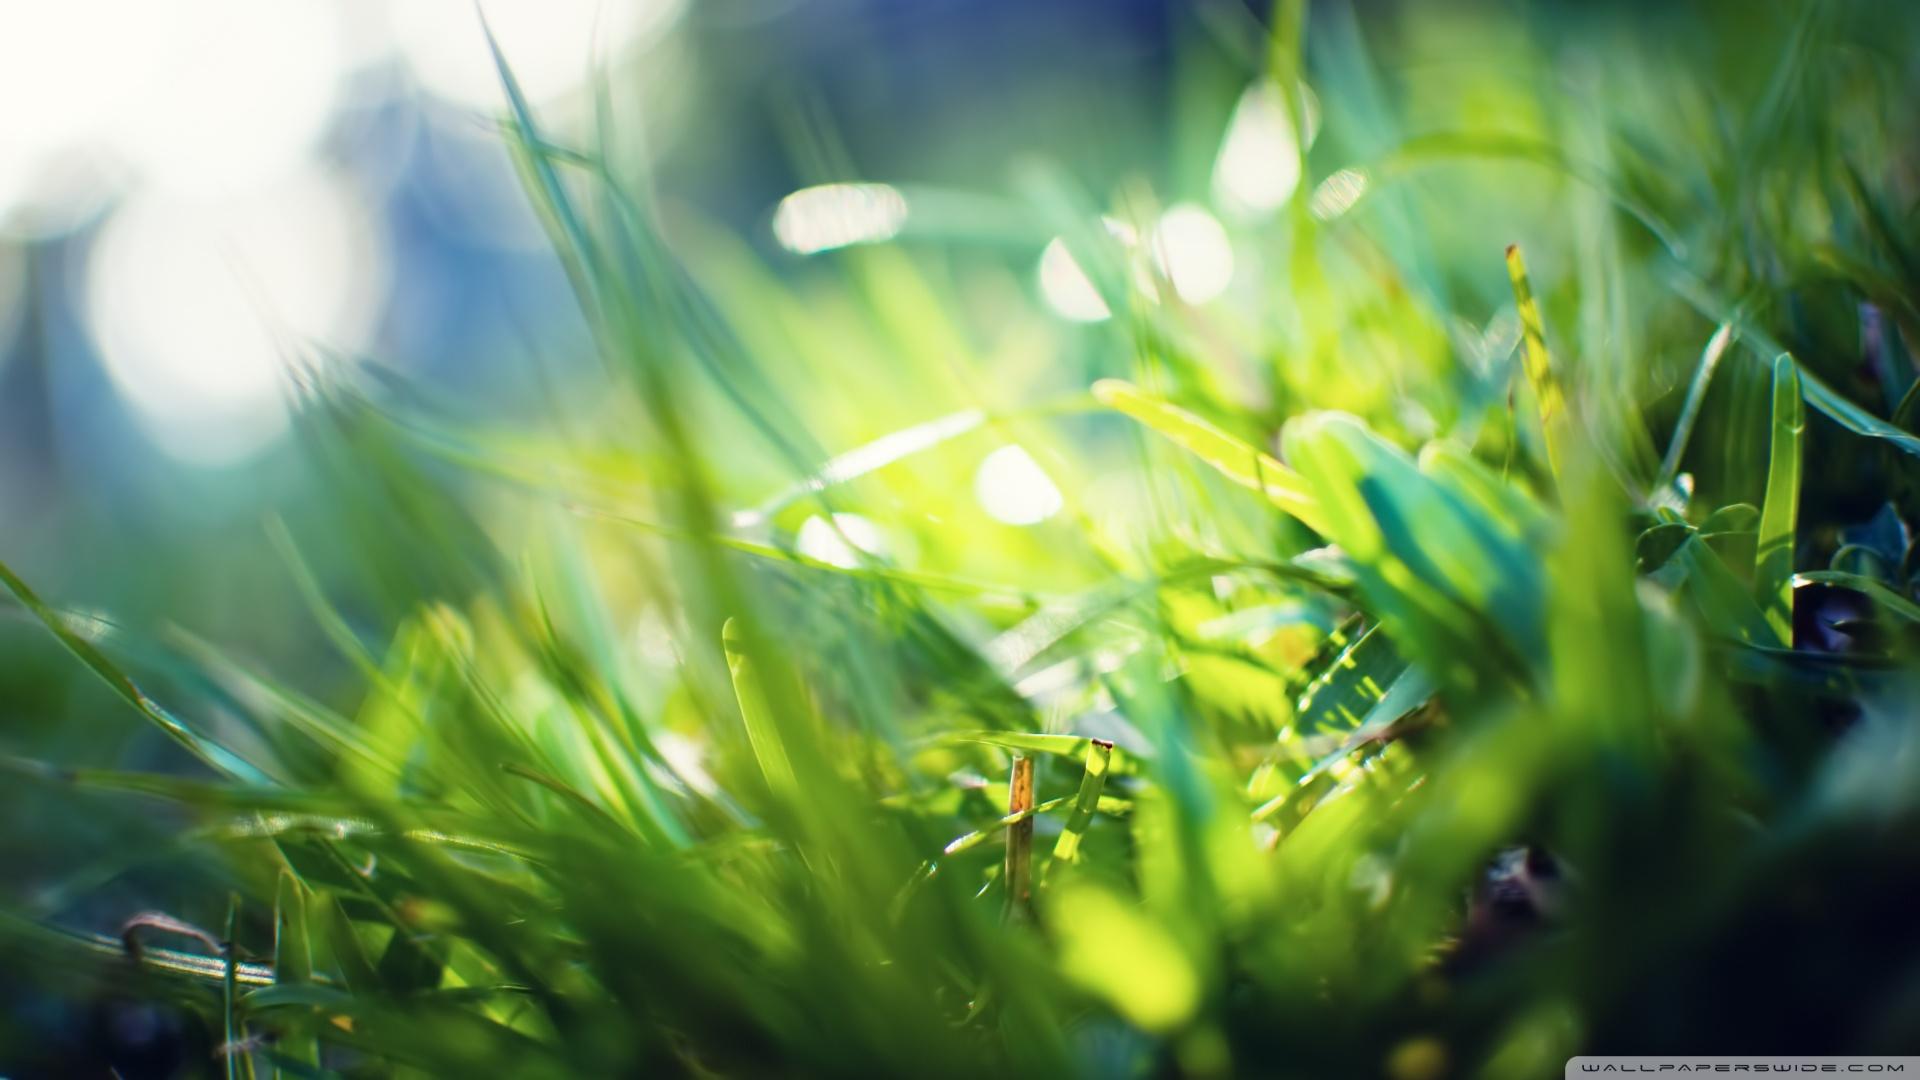 Grass Bokeh 33924 2560x1400 px